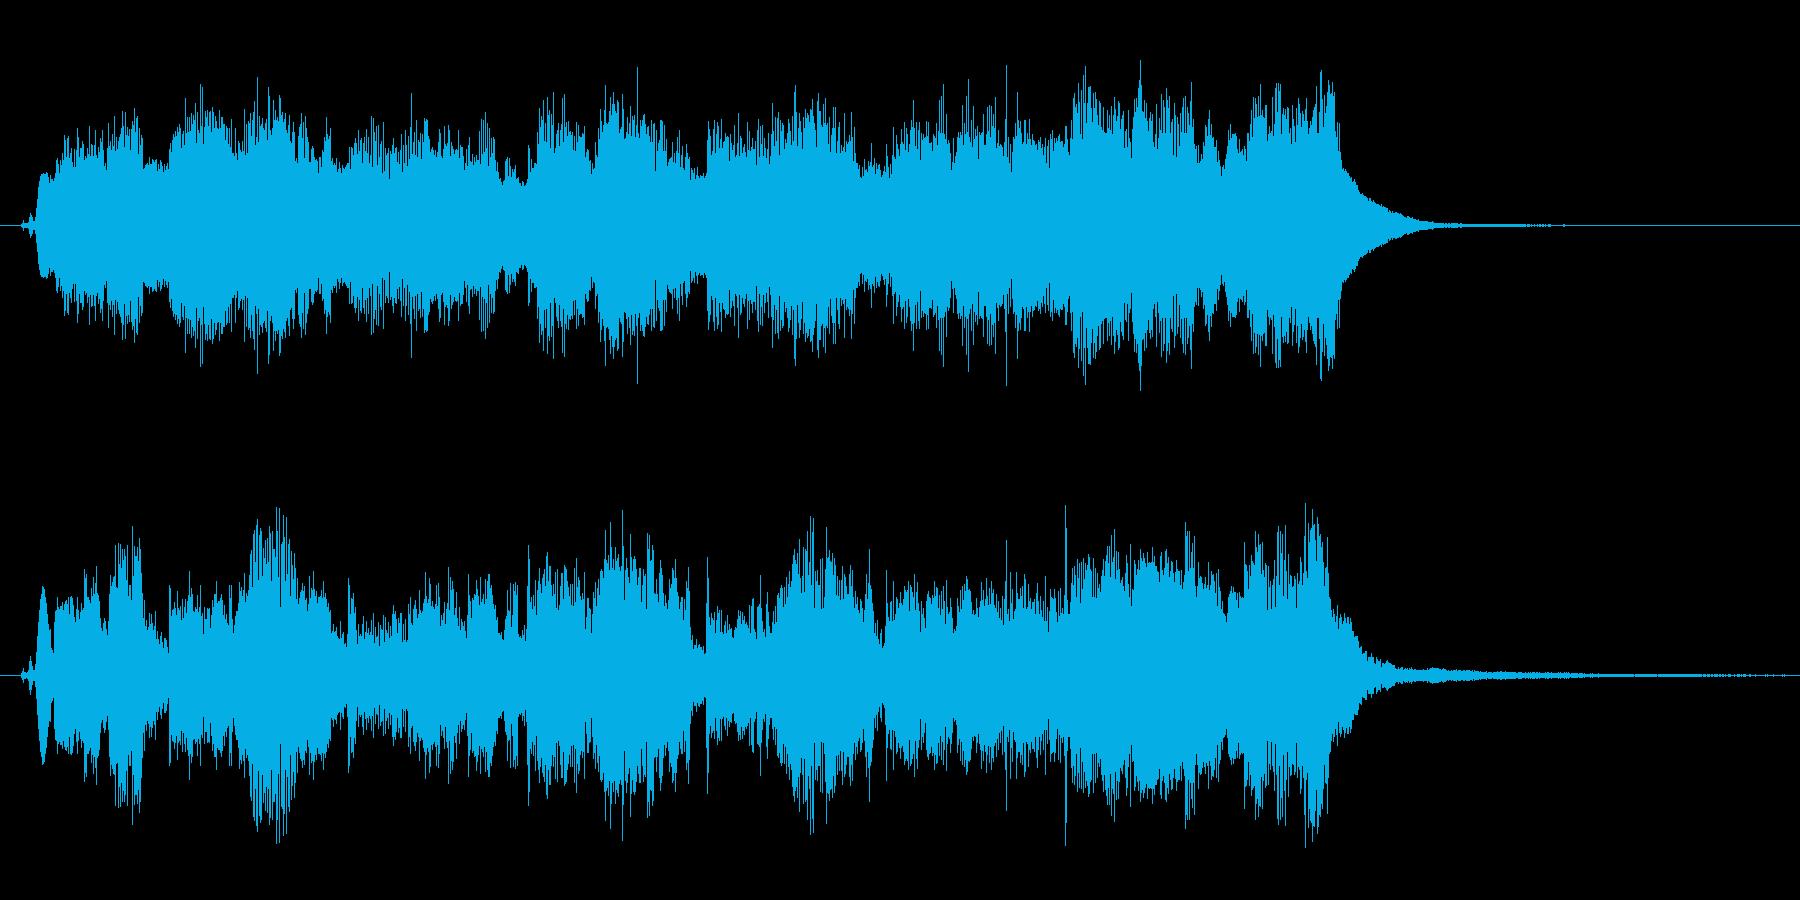 アコーディオンの可愛い10秒のジングルの再生済みの波形